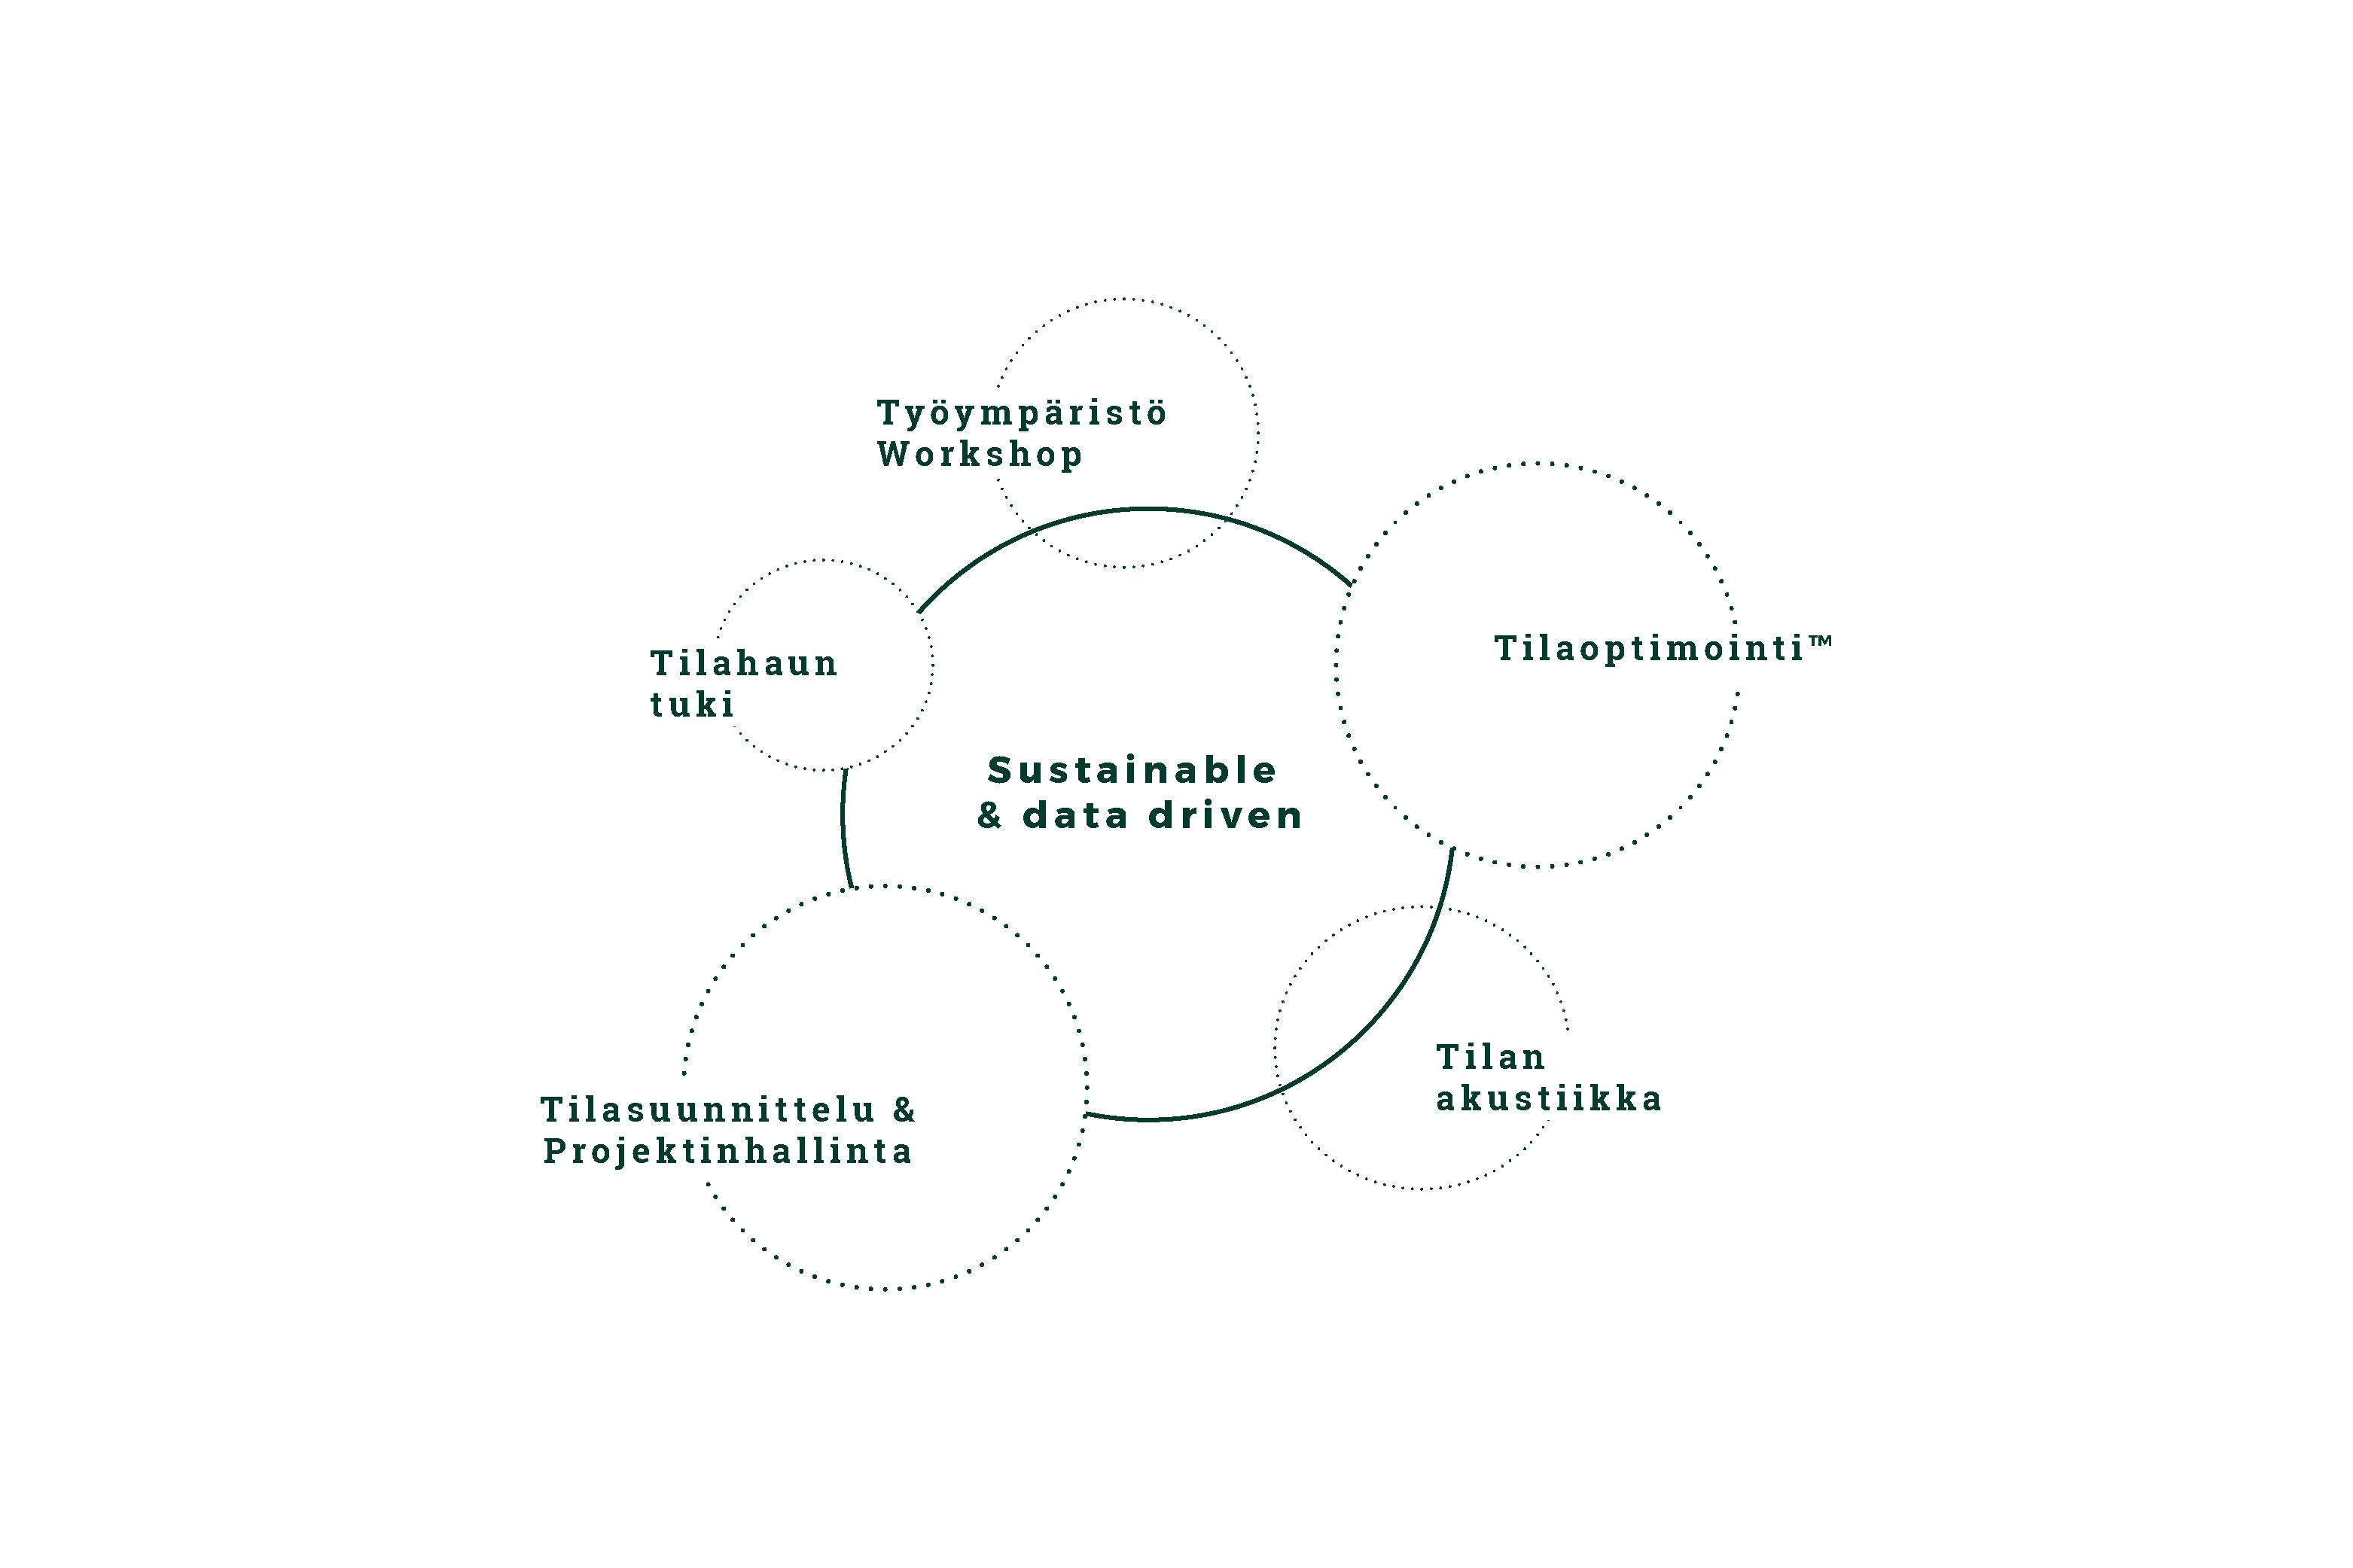 Työympäristömuotoilu_toimitila_Jyväskylä